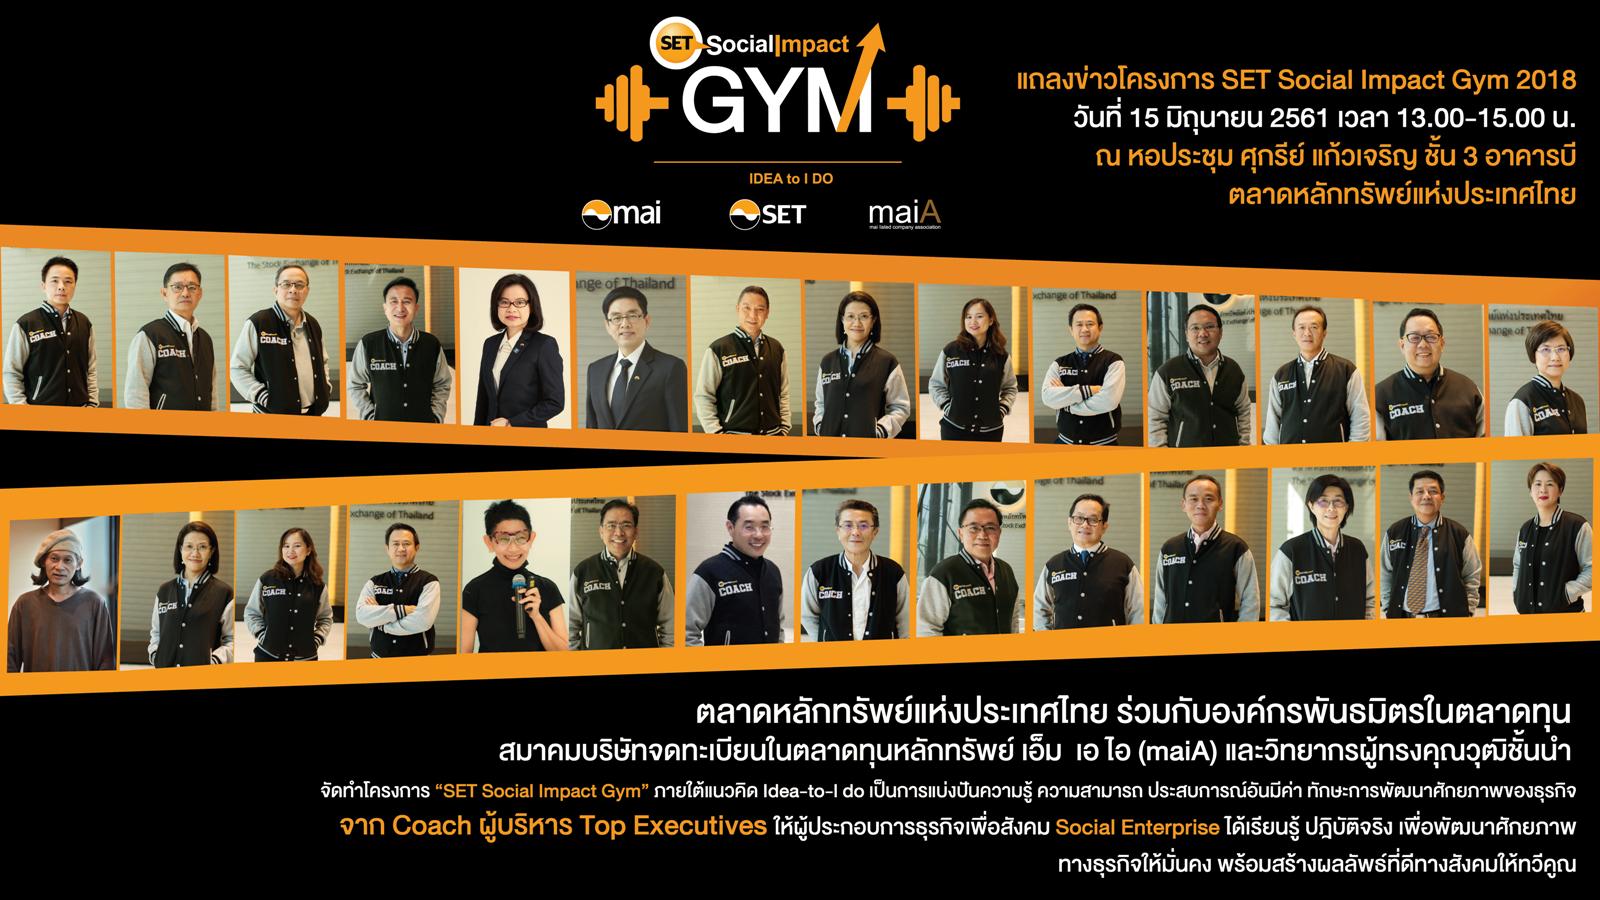 """SET Social Impact Gym"""" สร้าง SE แข็งแกร่งต่อเนื่องเป็นปีที่ 2"""